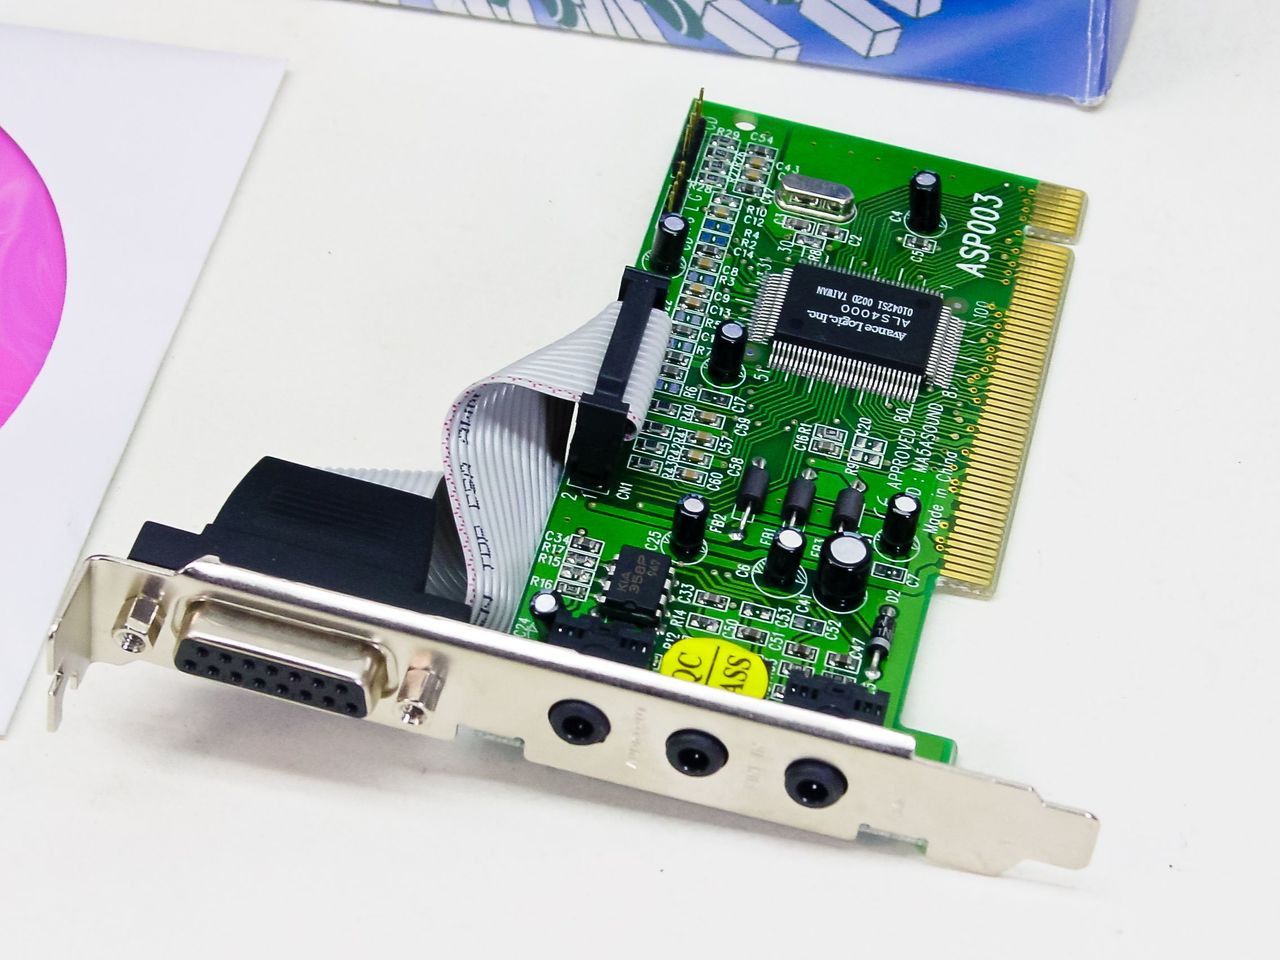 ASOUND EXPRESS PCI CARD ASP003 ALS4000 WINDOWS 8 X64 TREIBER